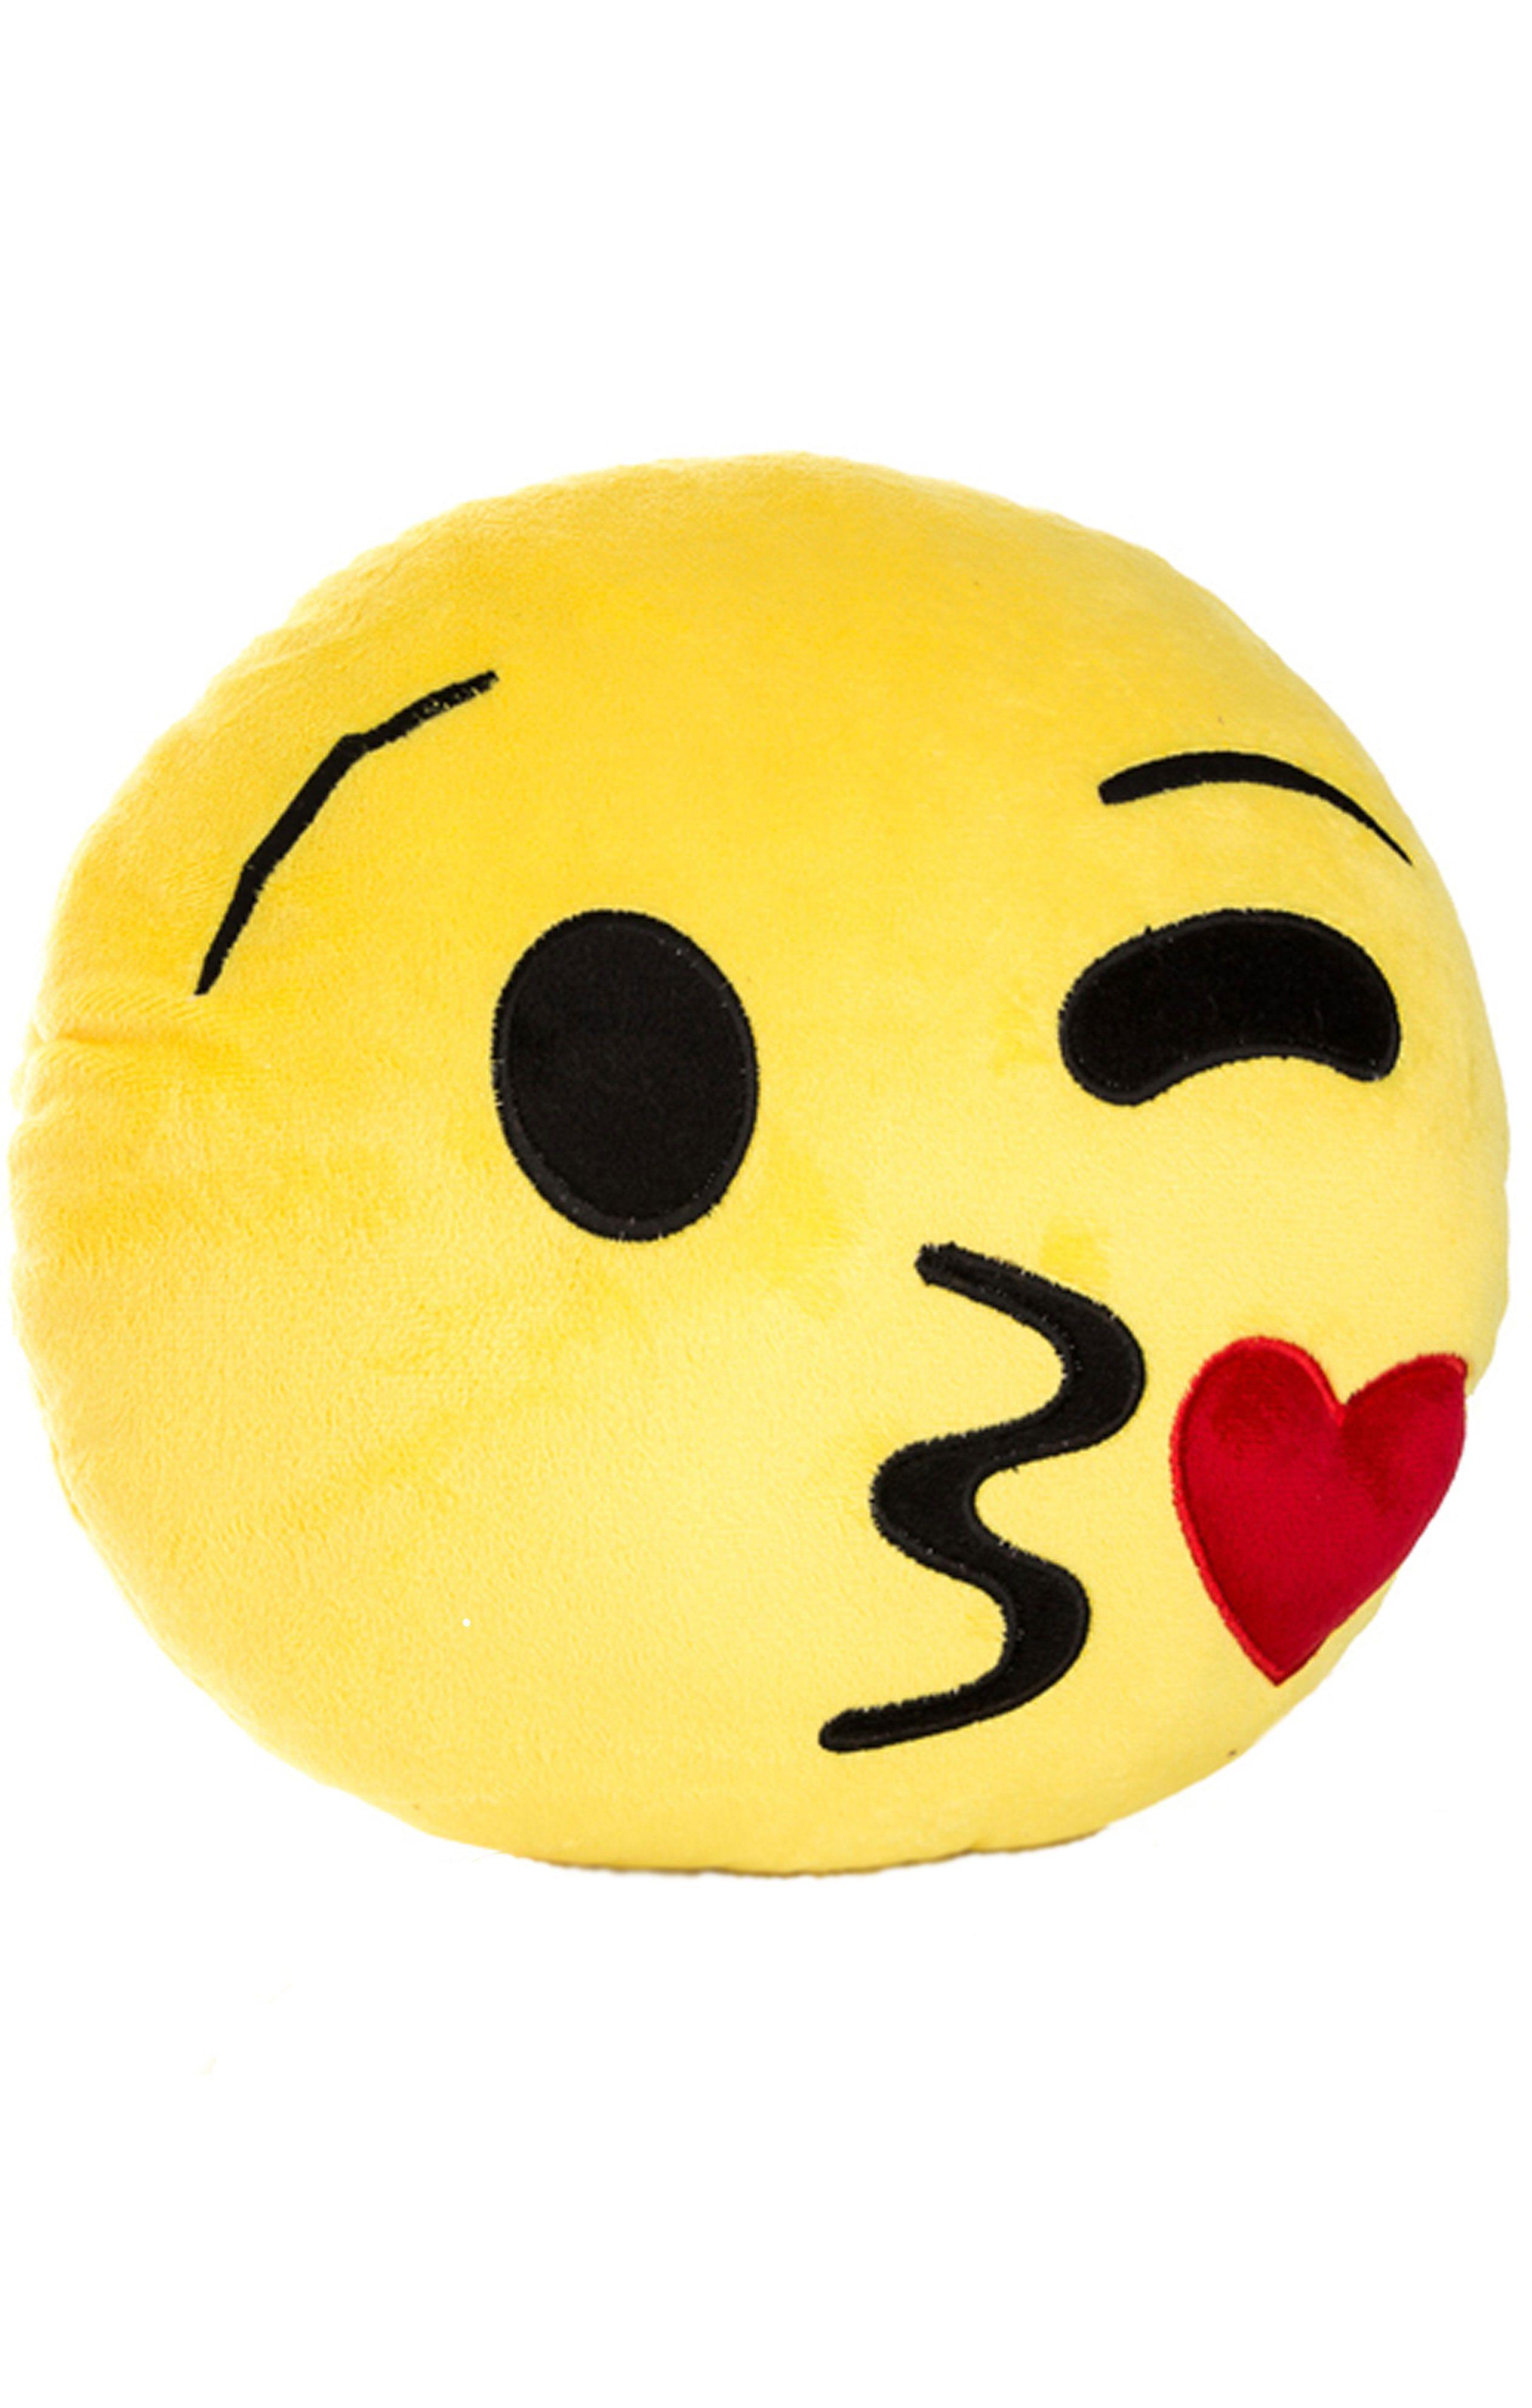 Kissy Gesicht Emoji Bedeutung